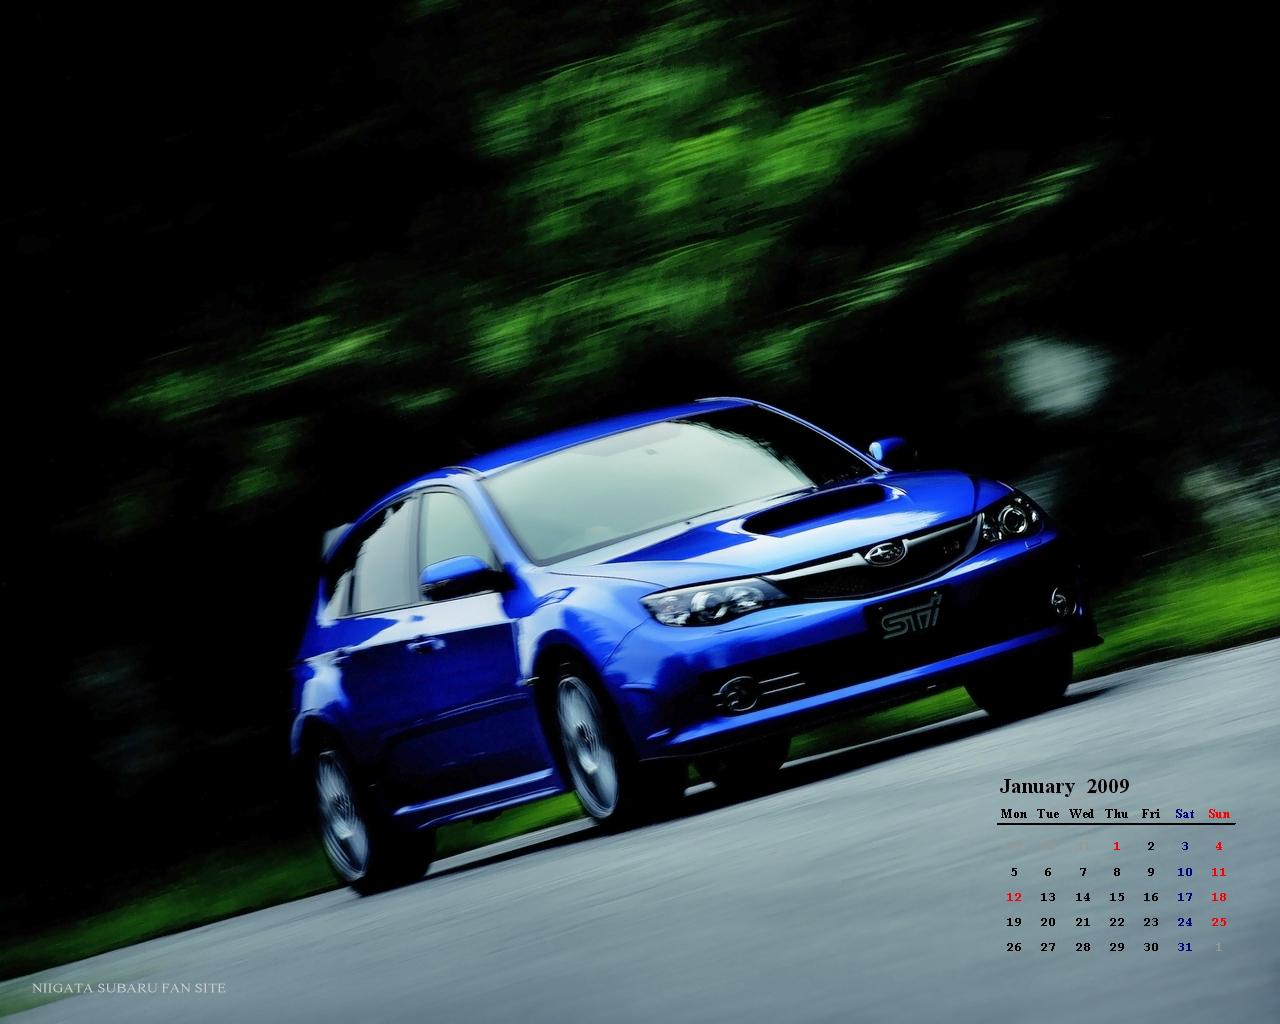 スバル 富士重工 ニュース News Subaru 2009 1 壁紙 January